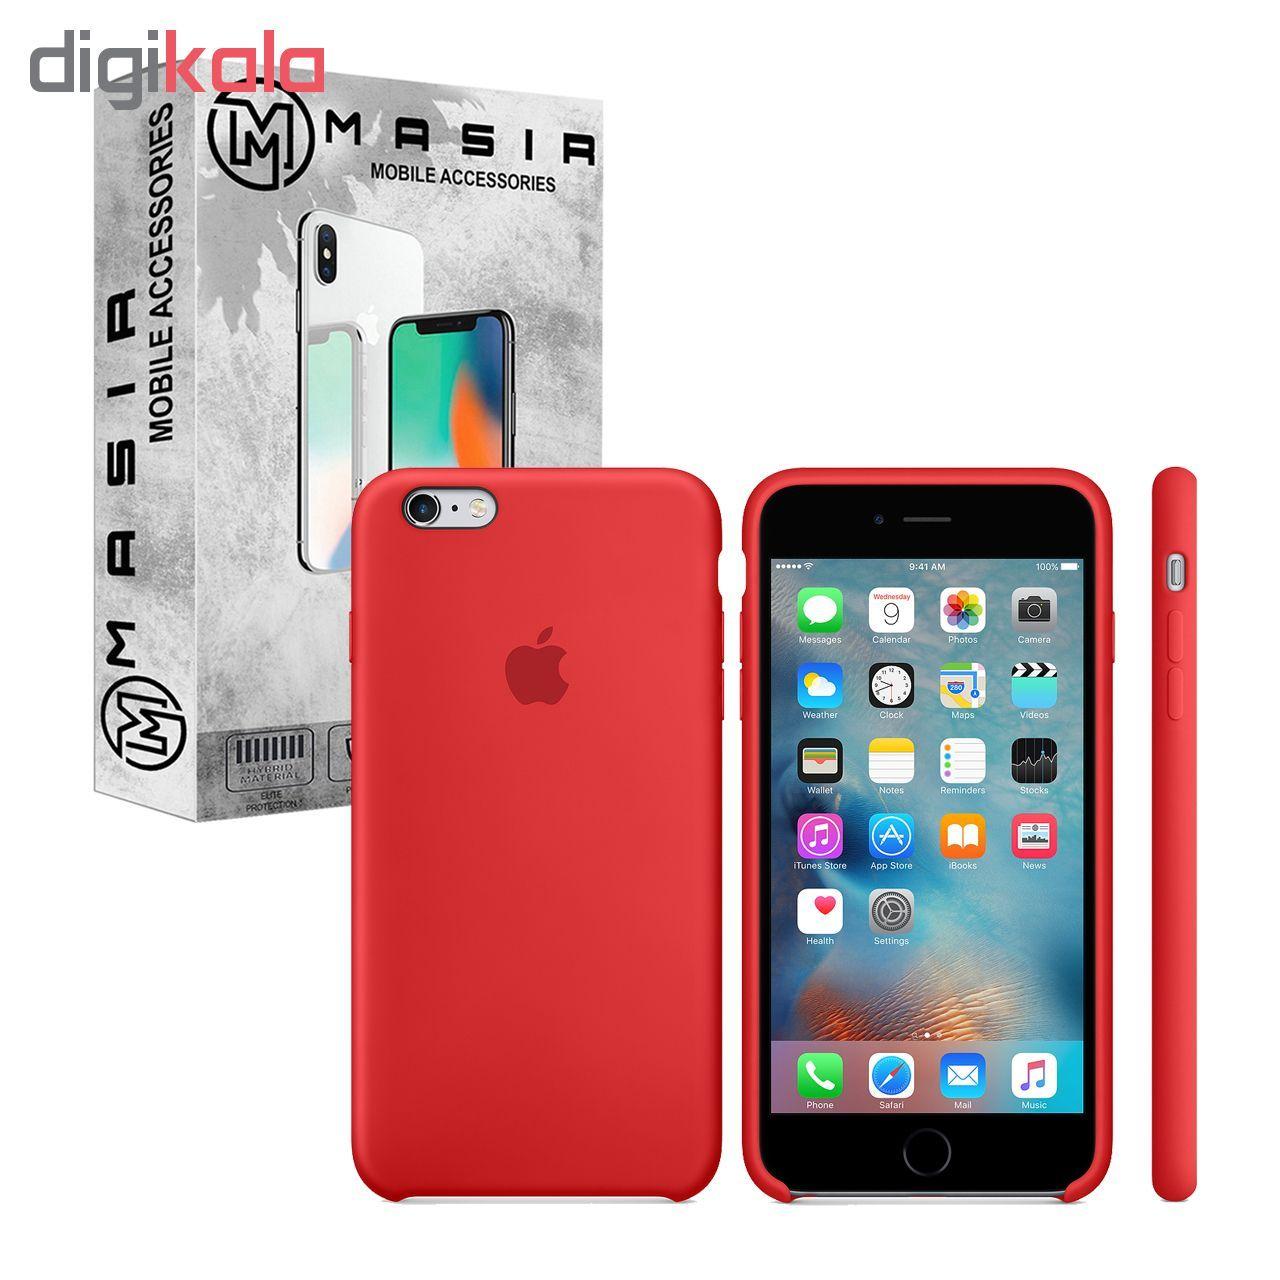 کاور میسر مدل SLC-01 مناسب برای گوشی موبایل اپل iPhone 6/6S main 1 2